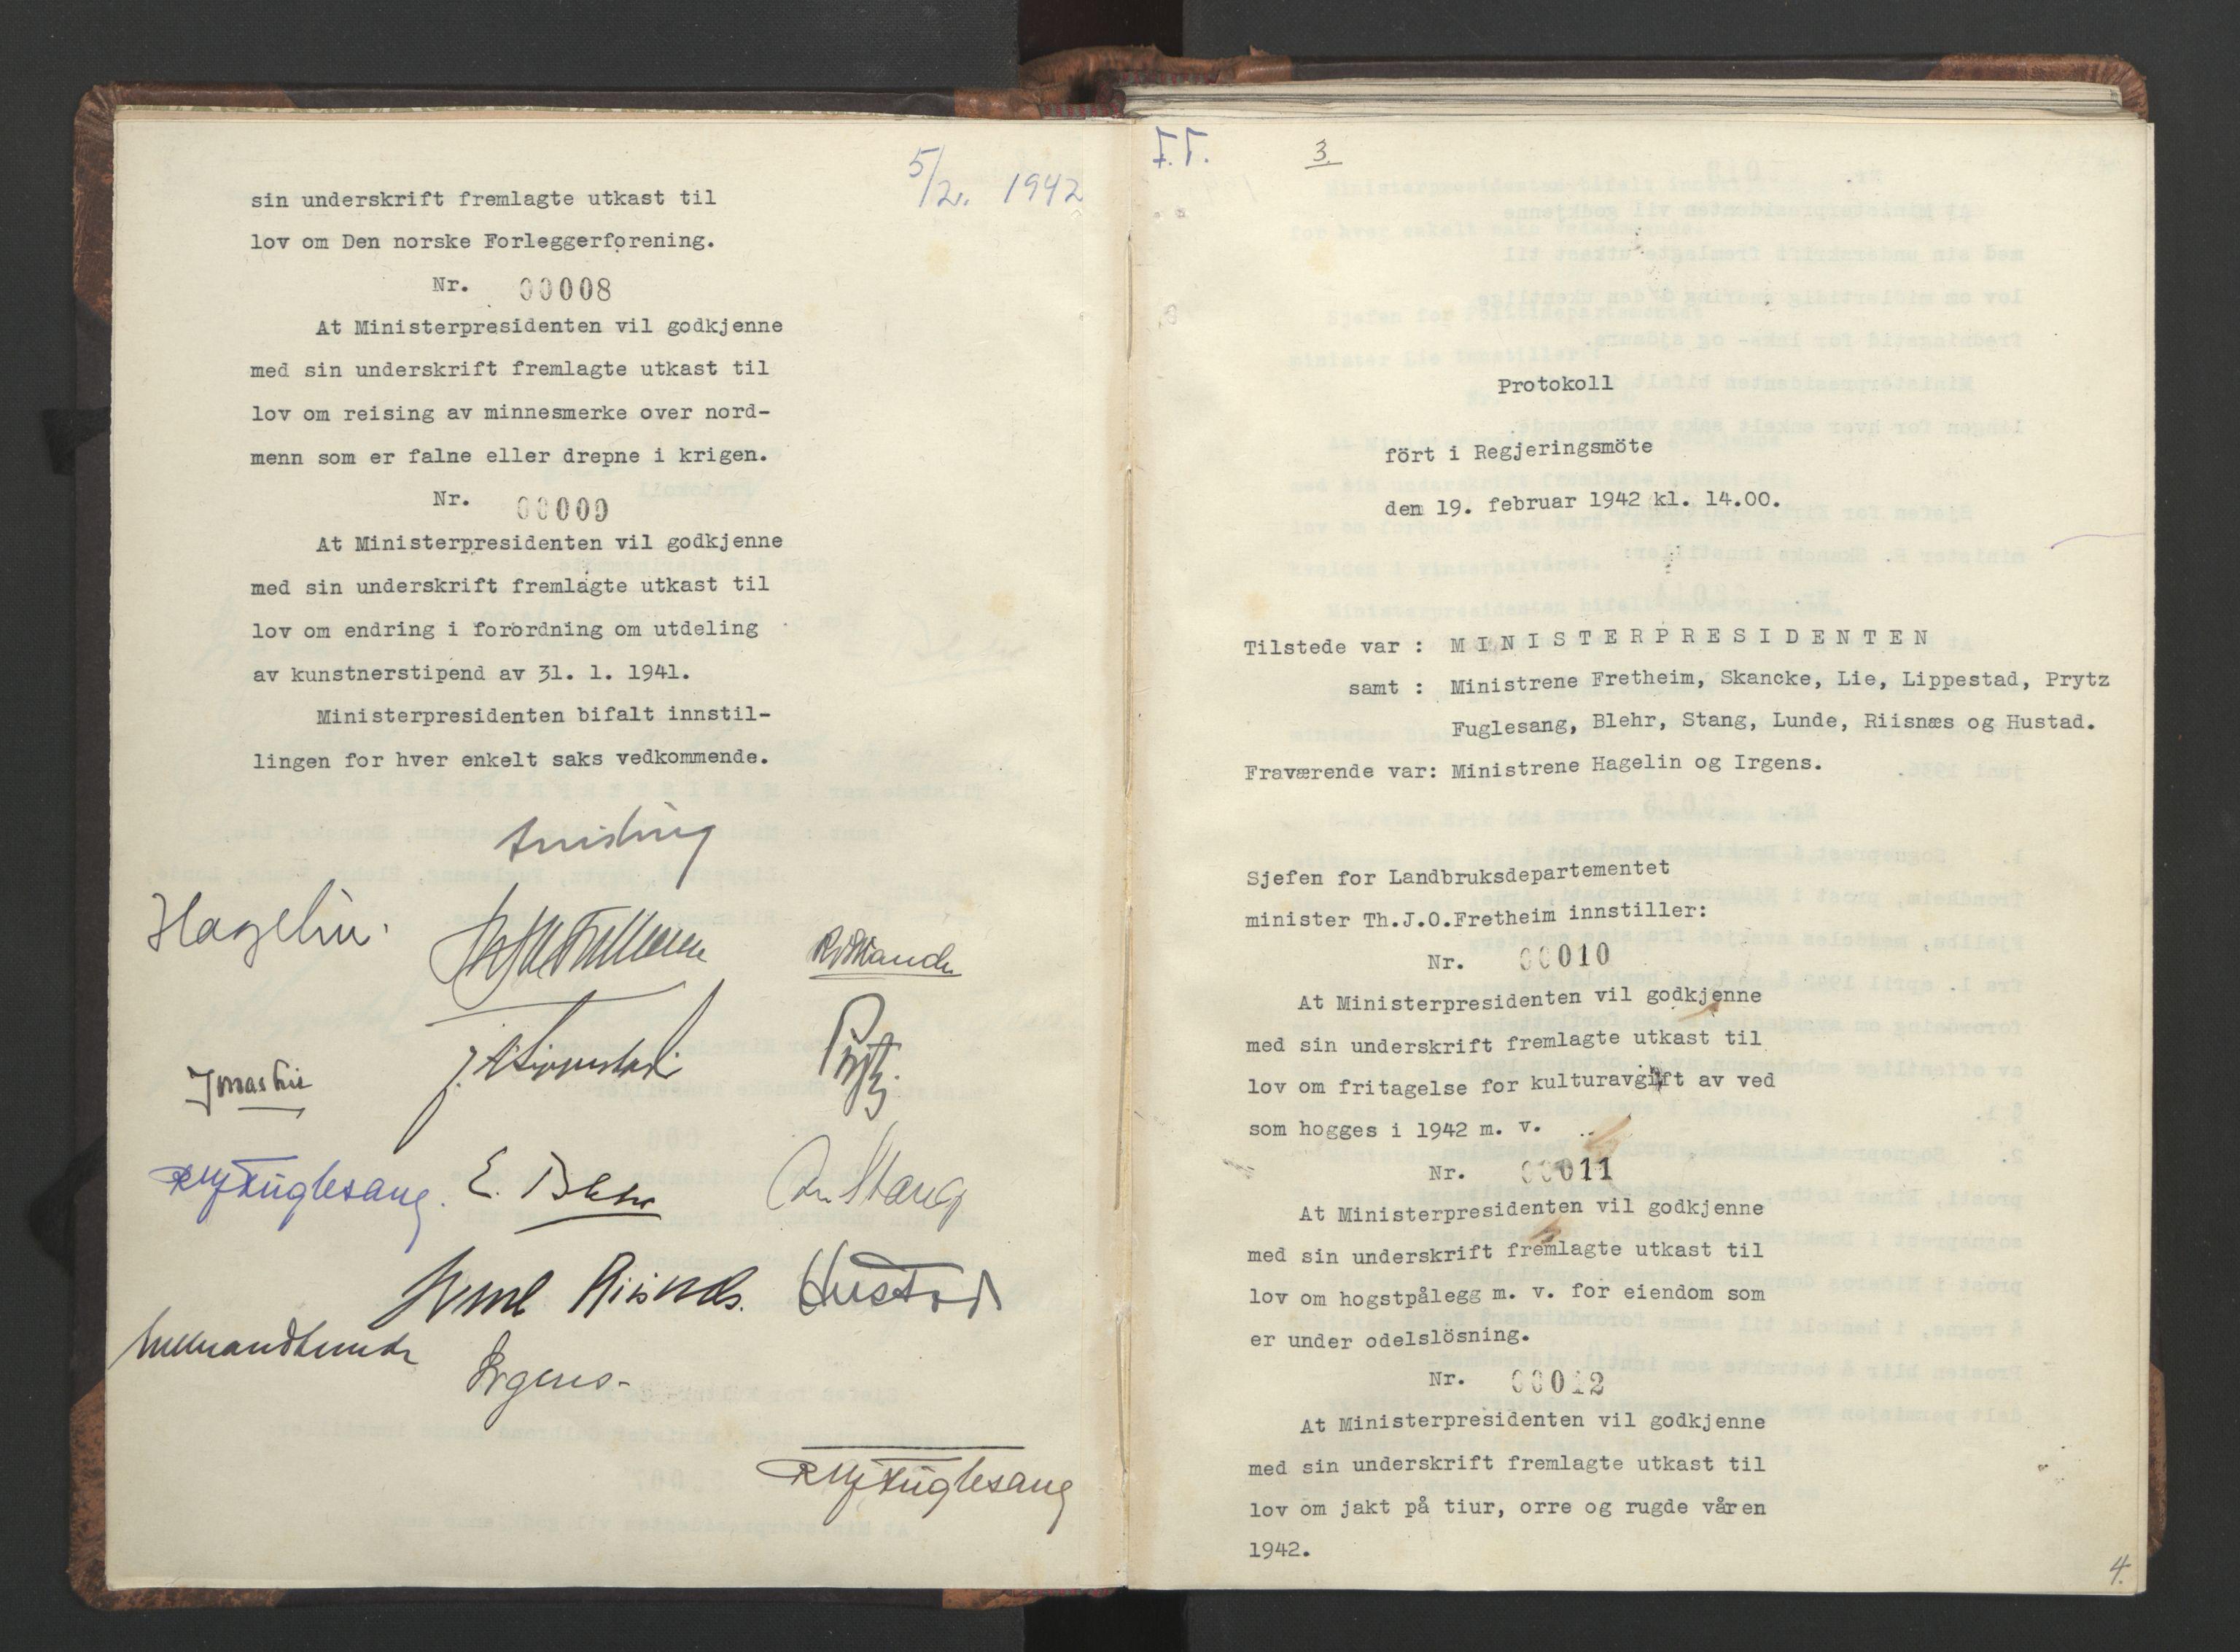 RA, NS-administrasjonen 1940-1945 (Statsrådsekretariatet, de kommisariske statsråder mm), D/Da/L0001: Beslutninger og tillegg (1-952 og 1-32), 1942, s. 3b-4a